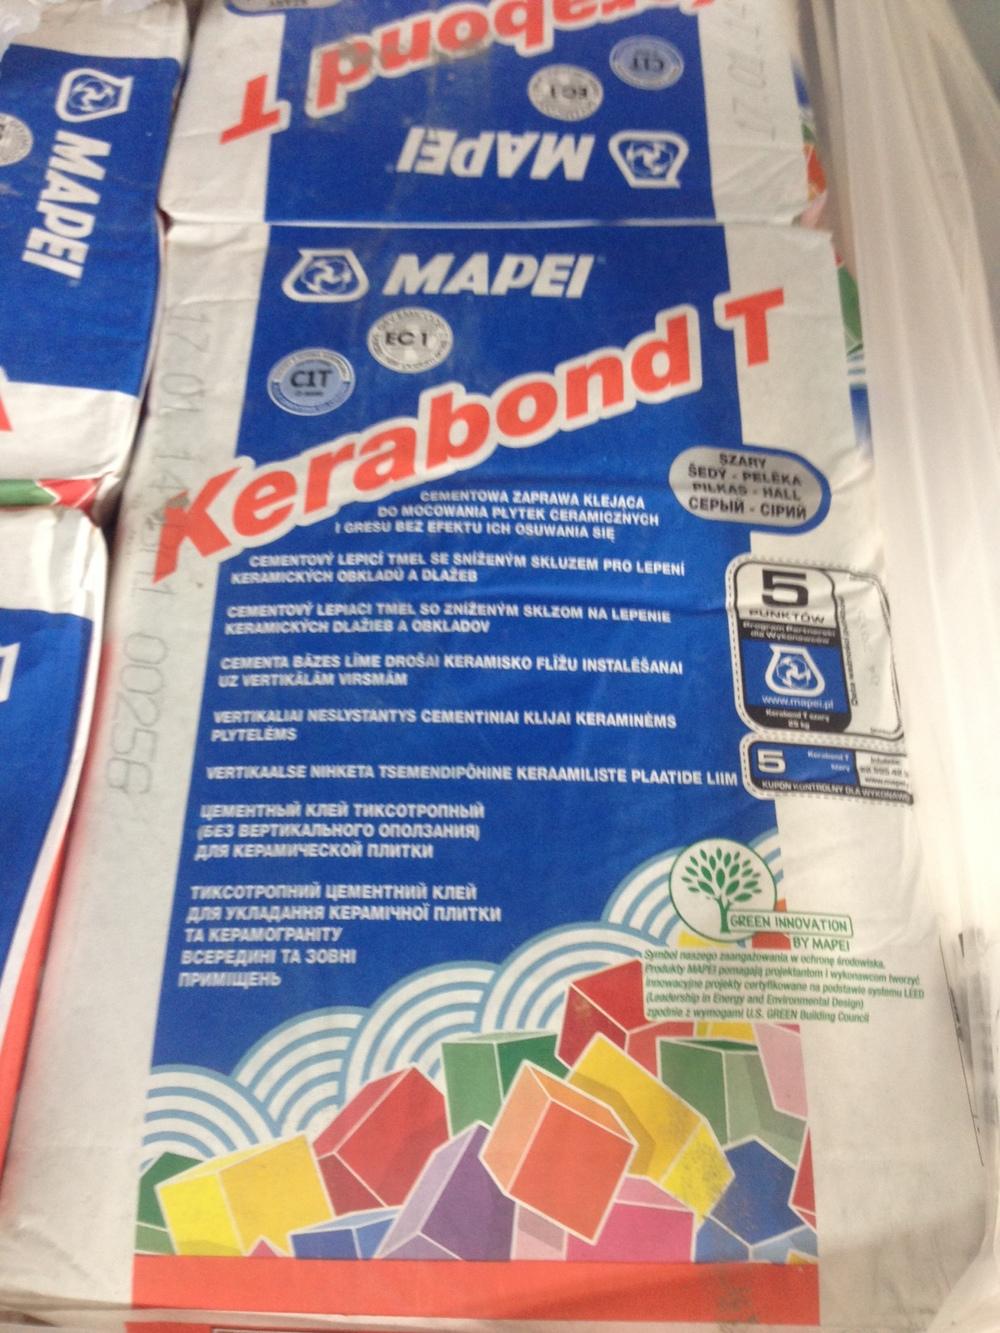 Mapei Kerabond T | Salon Łazienek Kamgres | Łódź